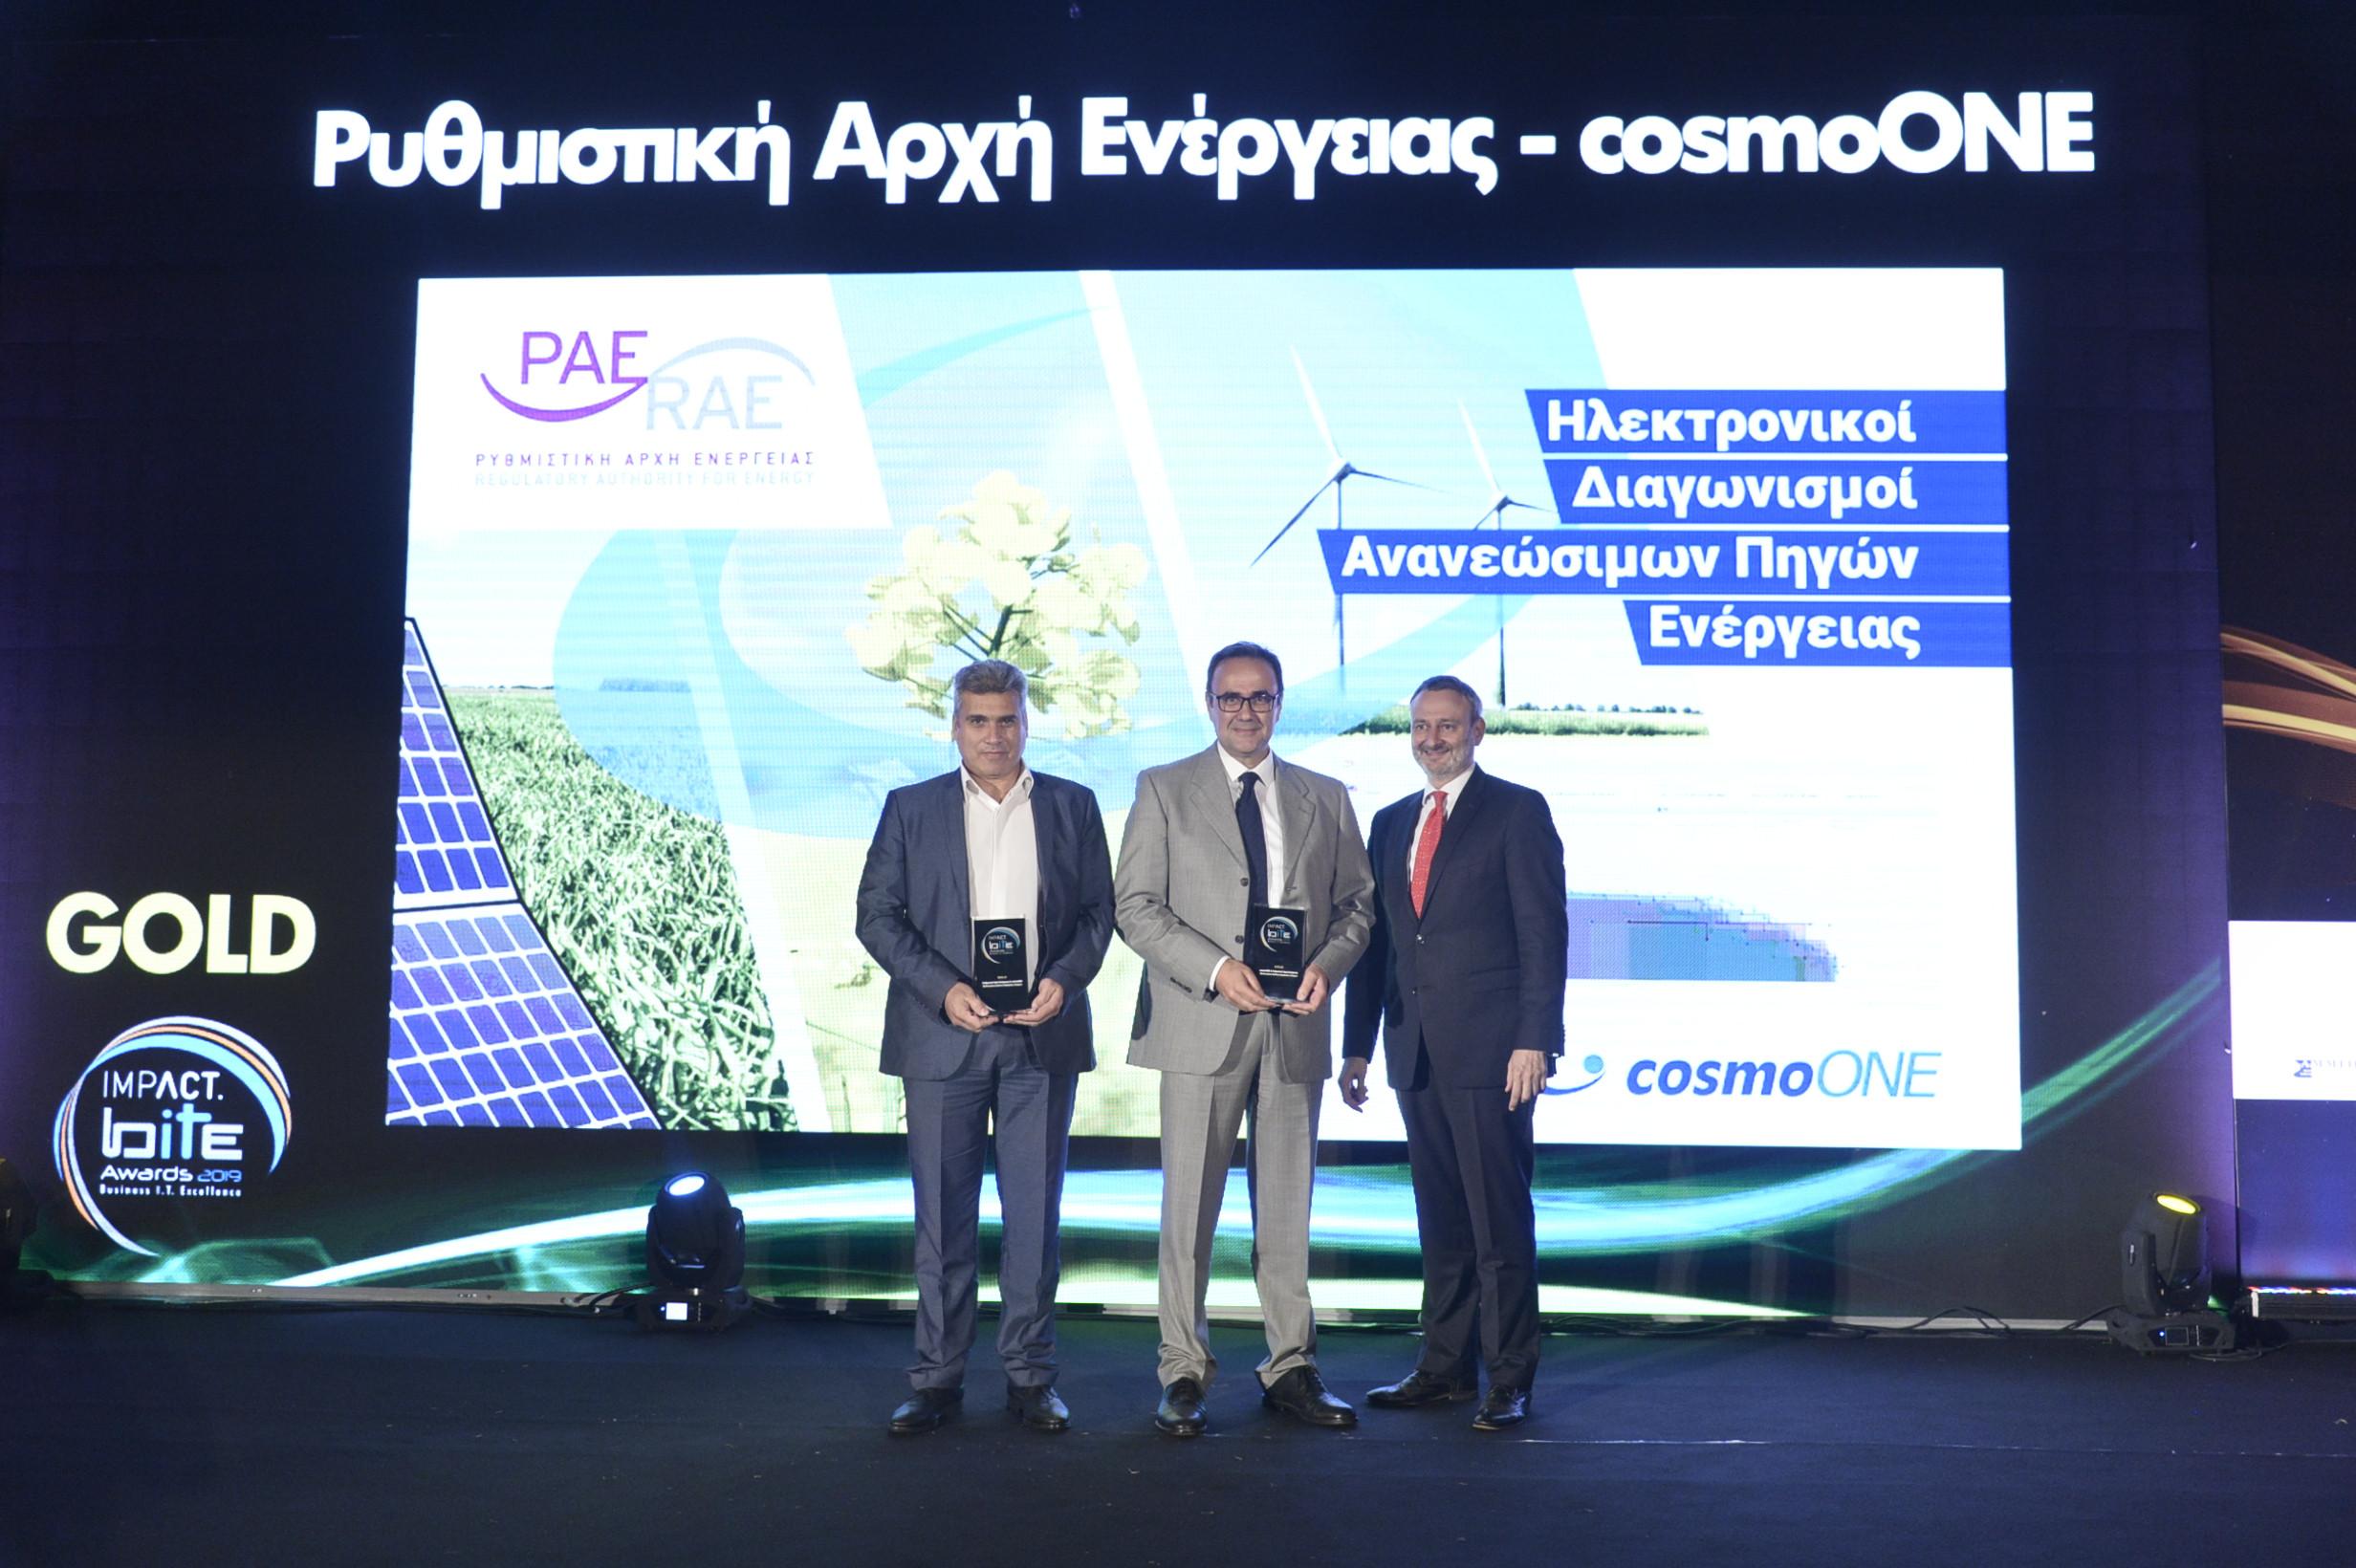 Ο Chief Commercial Officer Business Segment Ομίλου ΟΤΕ, κ. Γρηγόρης Χριστόπουλος